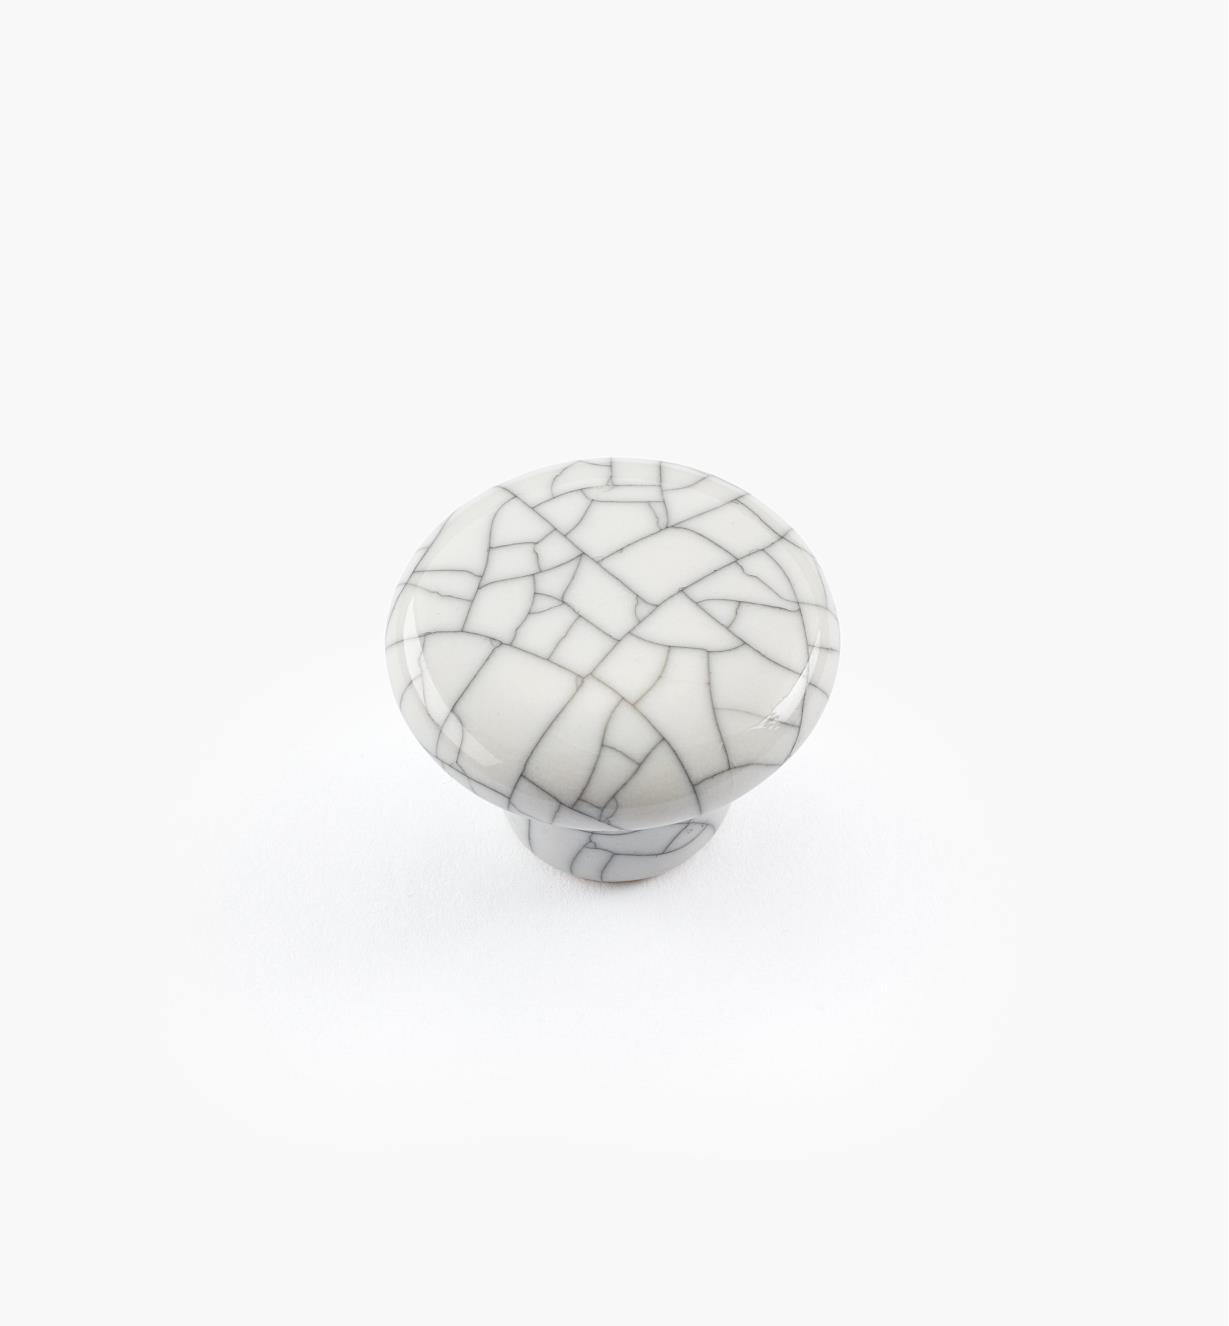 00W5201 - Bouton rond en céramique, série Craquelé, blanc, 1 po x 3/4 po